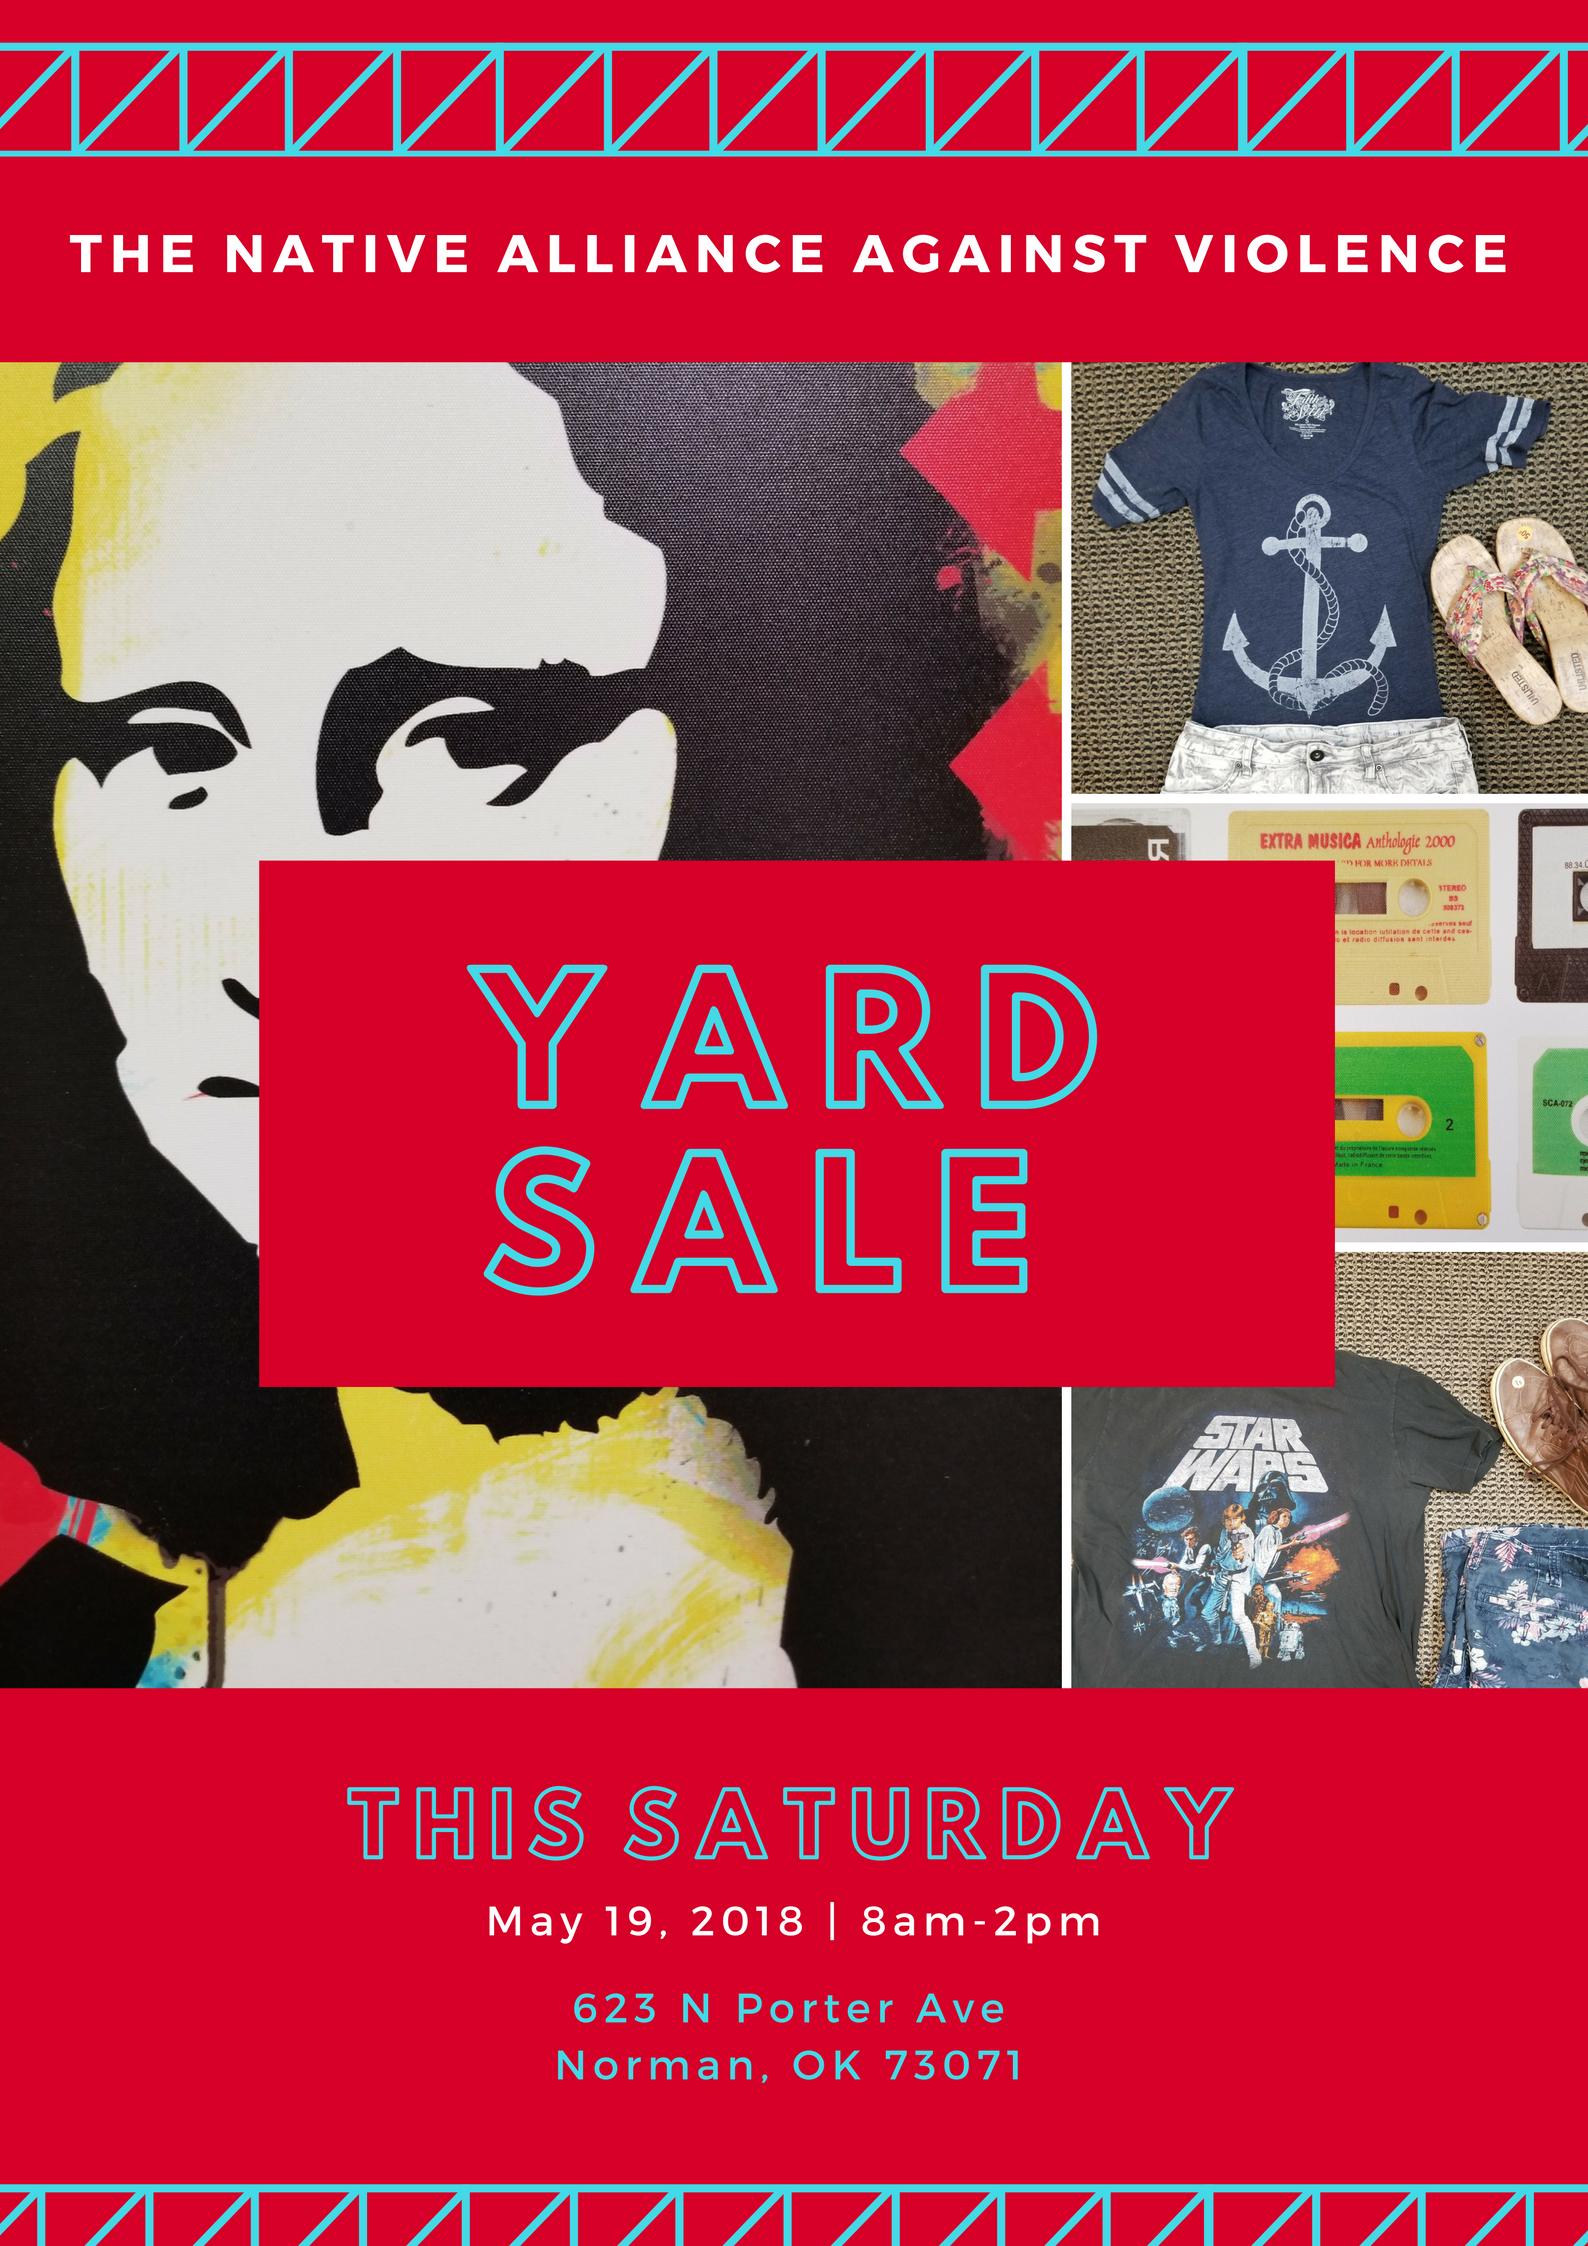 NAAV Yard Sale.jpg